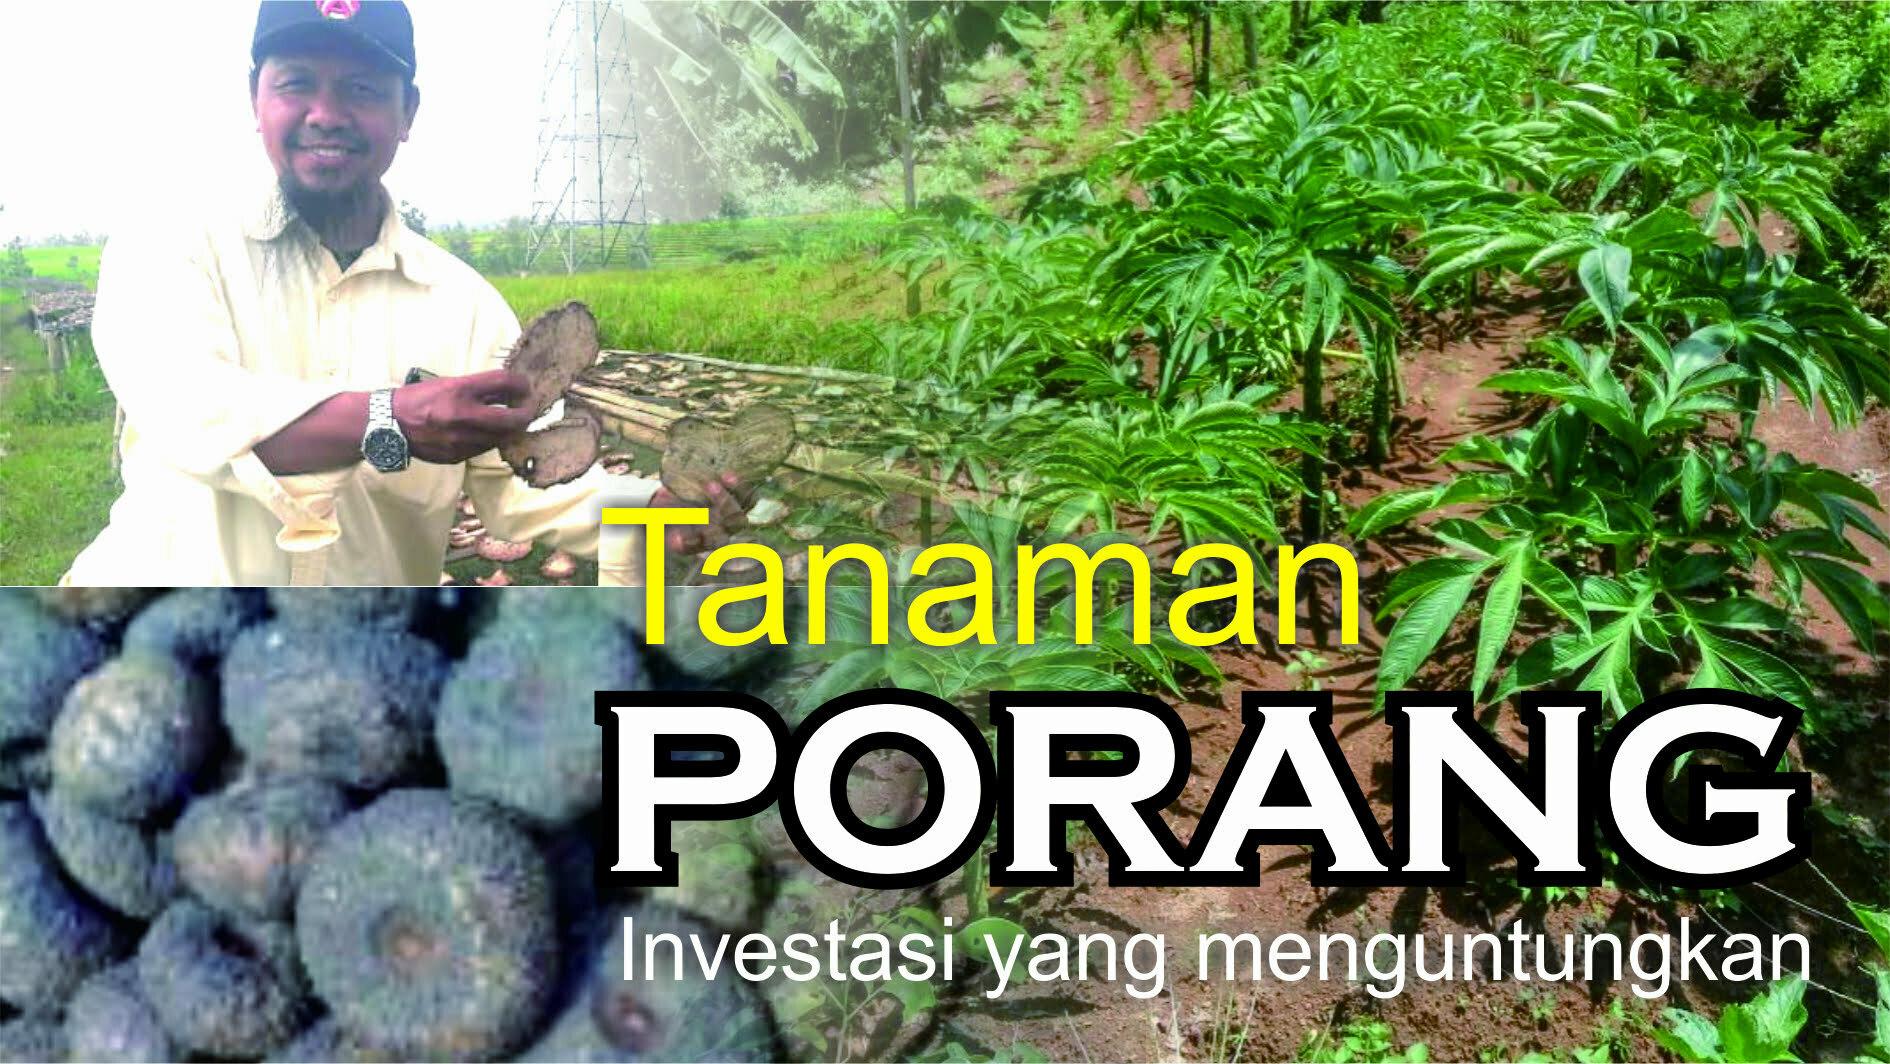 Kembangkan Komoditas, Kaltim Mulai Ekspor Porang | Kalimantan Bisnis.com